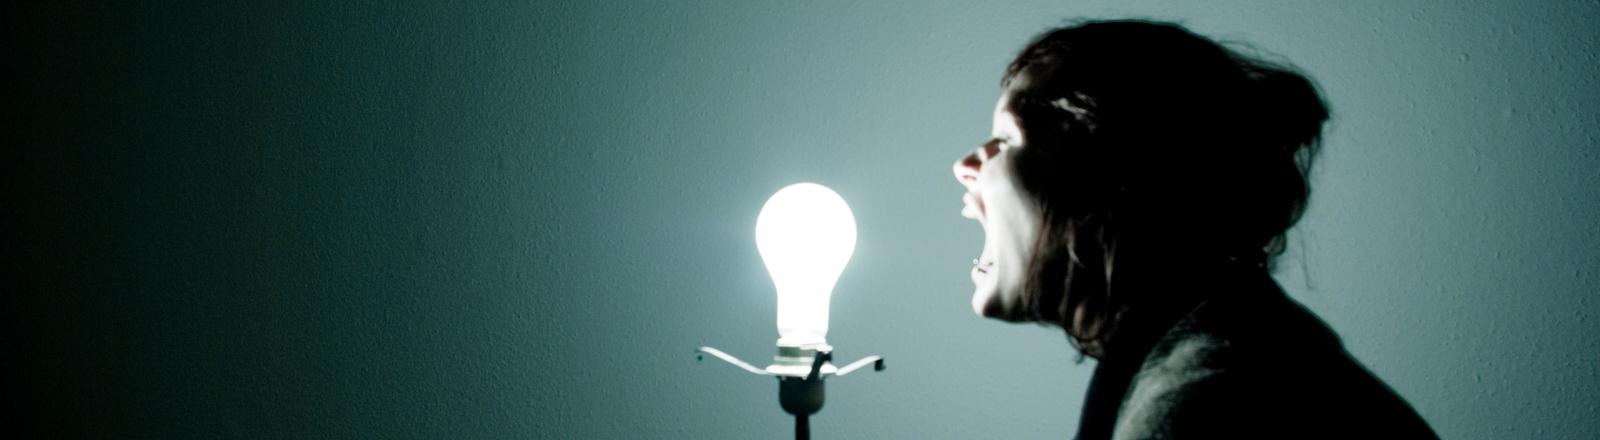 Frau schreit Glühbirne an